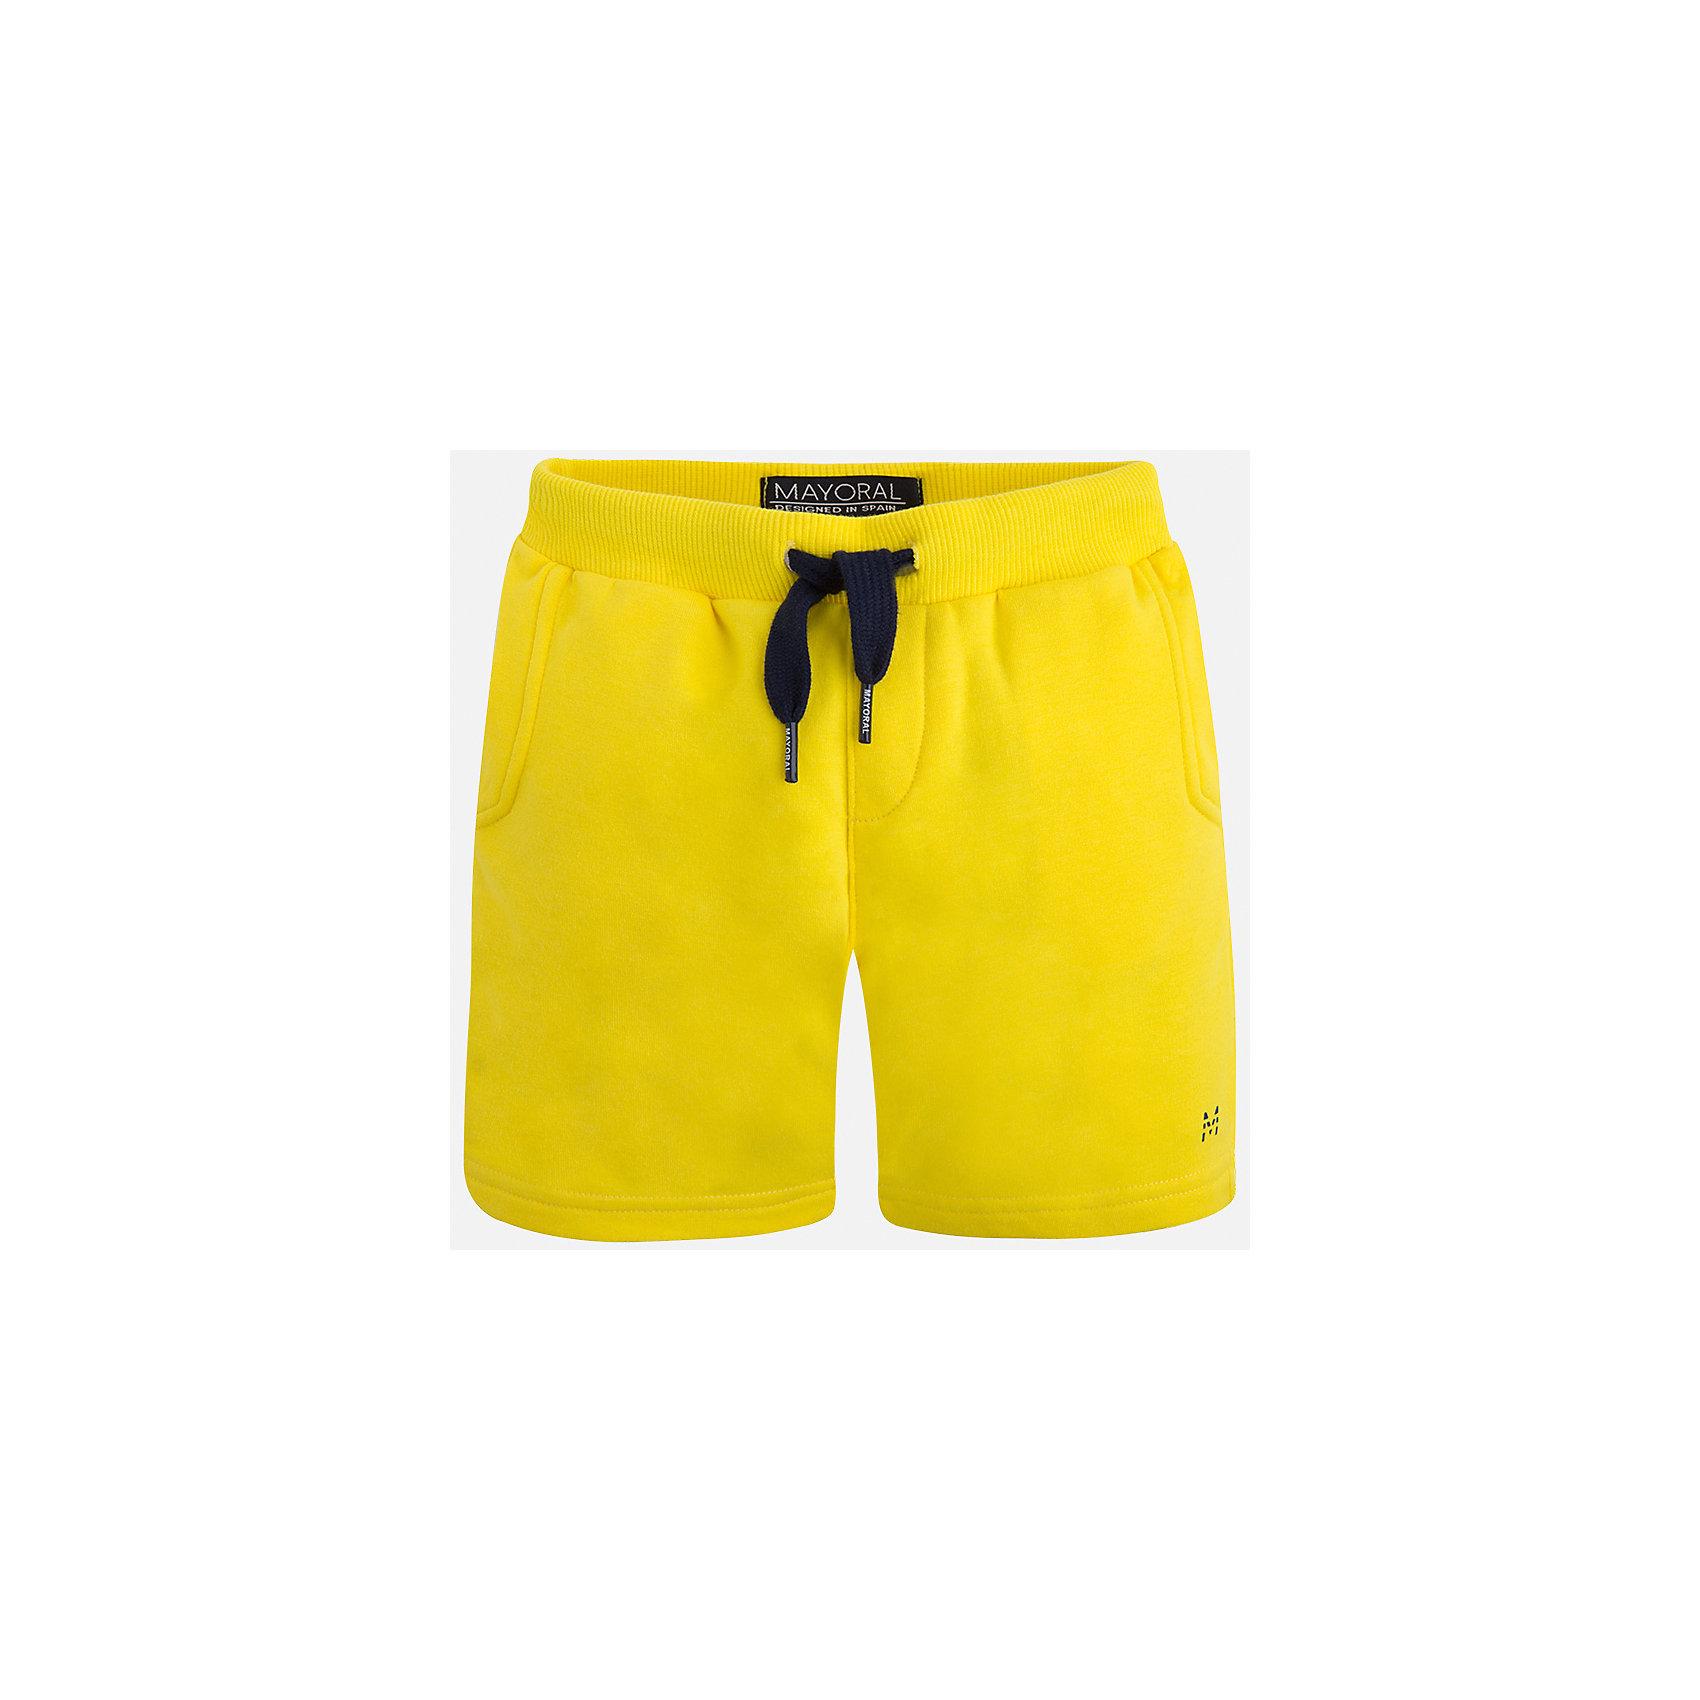 Шорты для мальчика MayoralШорты, бриджи, капри<br>Характеристики товара:<br><br>• цвет: желтый<br>• состав: 58% хлопок, 38% полиэстер, 4% эластан<br>• средняя длина<br>• карманы<br>• пояс - резинка со шнурком<br>• мягкий материал<br>• страна бренда: Испания<br><br>Спортивные шорты для мальчика помогут обеспечить ребенку комфорт. Они отлично сочетаются с майками, футболками, курточками в спортивном стиле. Универсальный крой и цвет позволяет подобрать к вещи верх разных расцветок. Практичное и стильное изделие! В составе материала - натуральный хлопок, гипоаллергенный, приятный на ощупь, дышащий.<br><br>Одежда, обувь и аксессуары от испанского бренда Mayoral полюбились детям и взрослым по всему миру. Модели этой марки - стильные и удобные. Для их производства используются только безопасные, качественные материалы и фурнитура. Порадуйте ребенка модными и красивыми вещами от Mayoral! <br><br>Шорты для мальчика от испанского бренда Mayoral (Майорал) можно купить в нашем интернет-магазине.<br><br>Ширина мм: 191<br>Глубина мм: 10<br>Высота мм: 175<br>Вес г: 273<br>Цвет: желтый<br>Возраст от месяцев: 18<br>Возраст до месяцев: 24<br>Пол: Мужской<br>Возраст: Детский<br>Размер: 92,98,104,110<br>SKU: 5278160